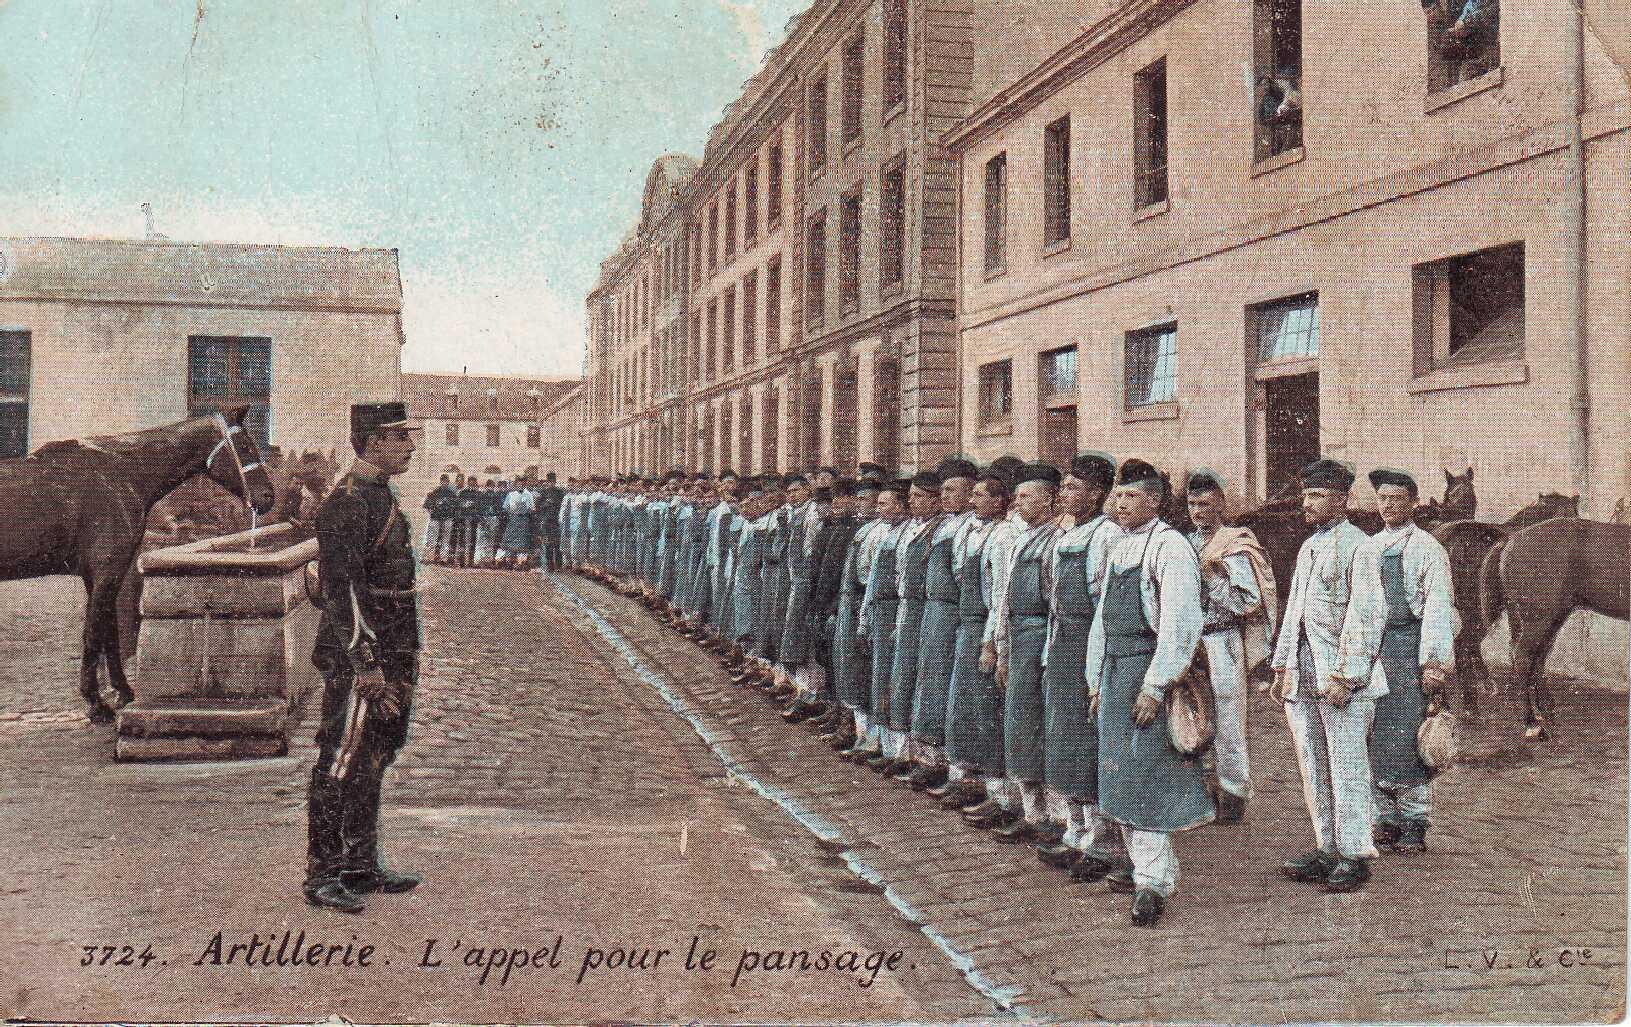 Artillerie-Appel-Pour-Le-Pansage.jpg